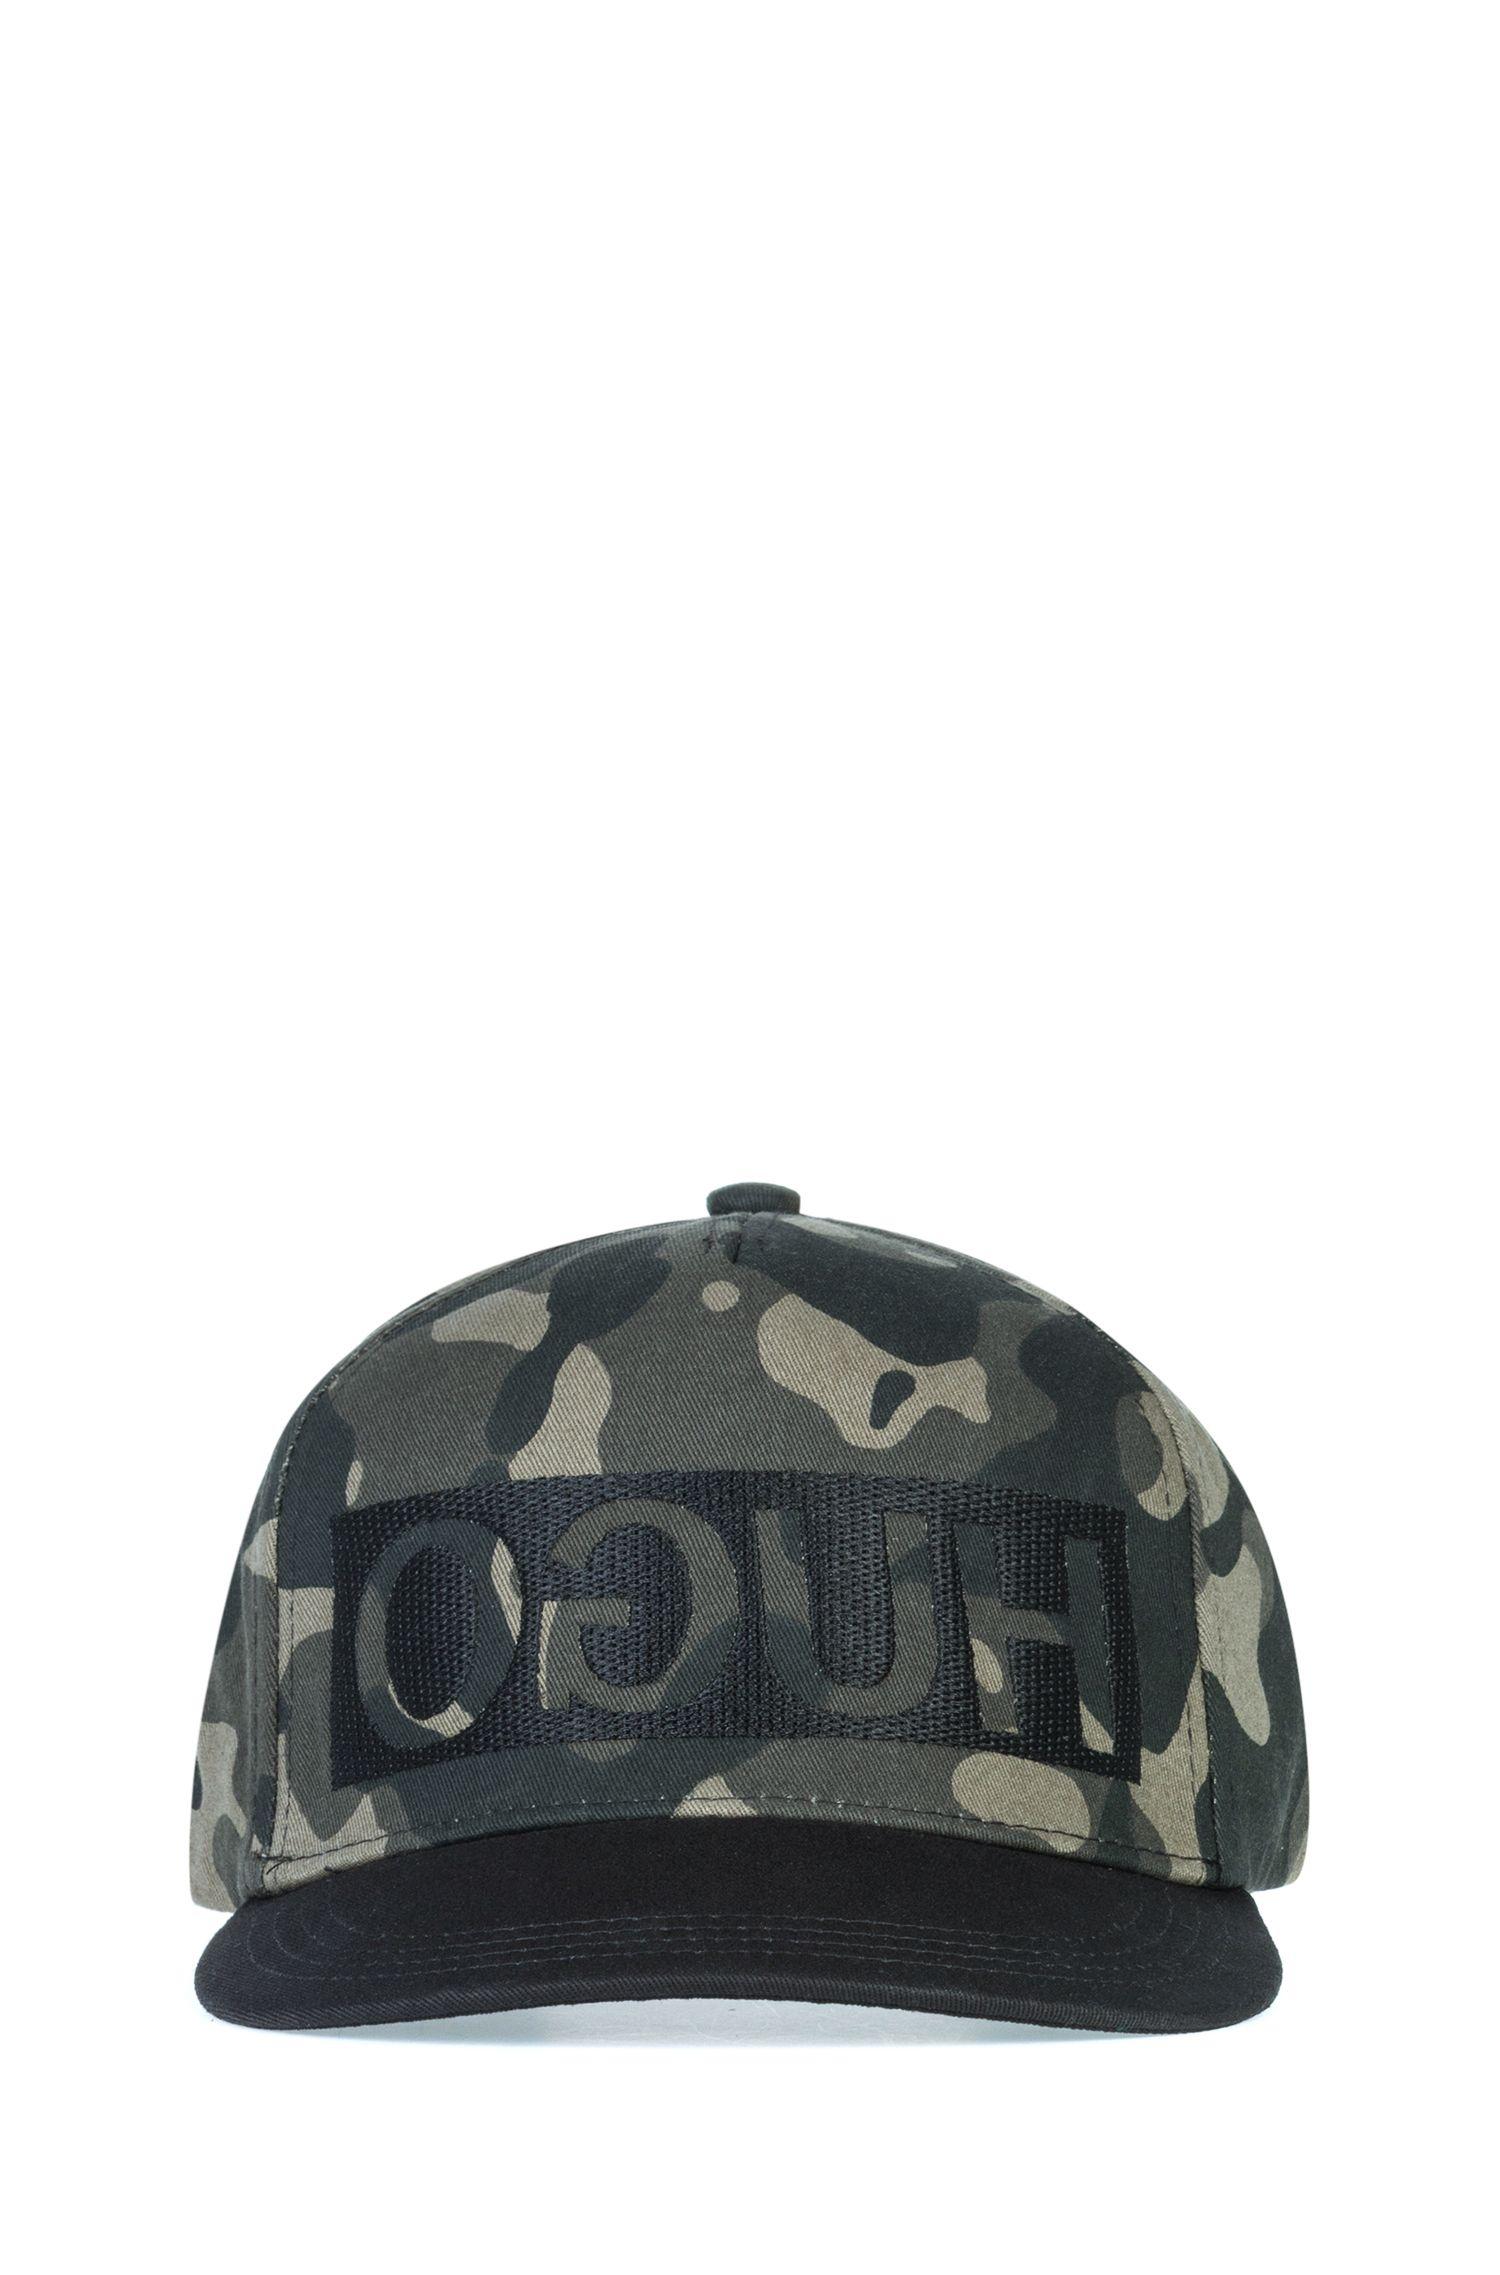 Casquette snapback à logo inversé en gabardine de coton à imprimé camouflage, Fantaisie